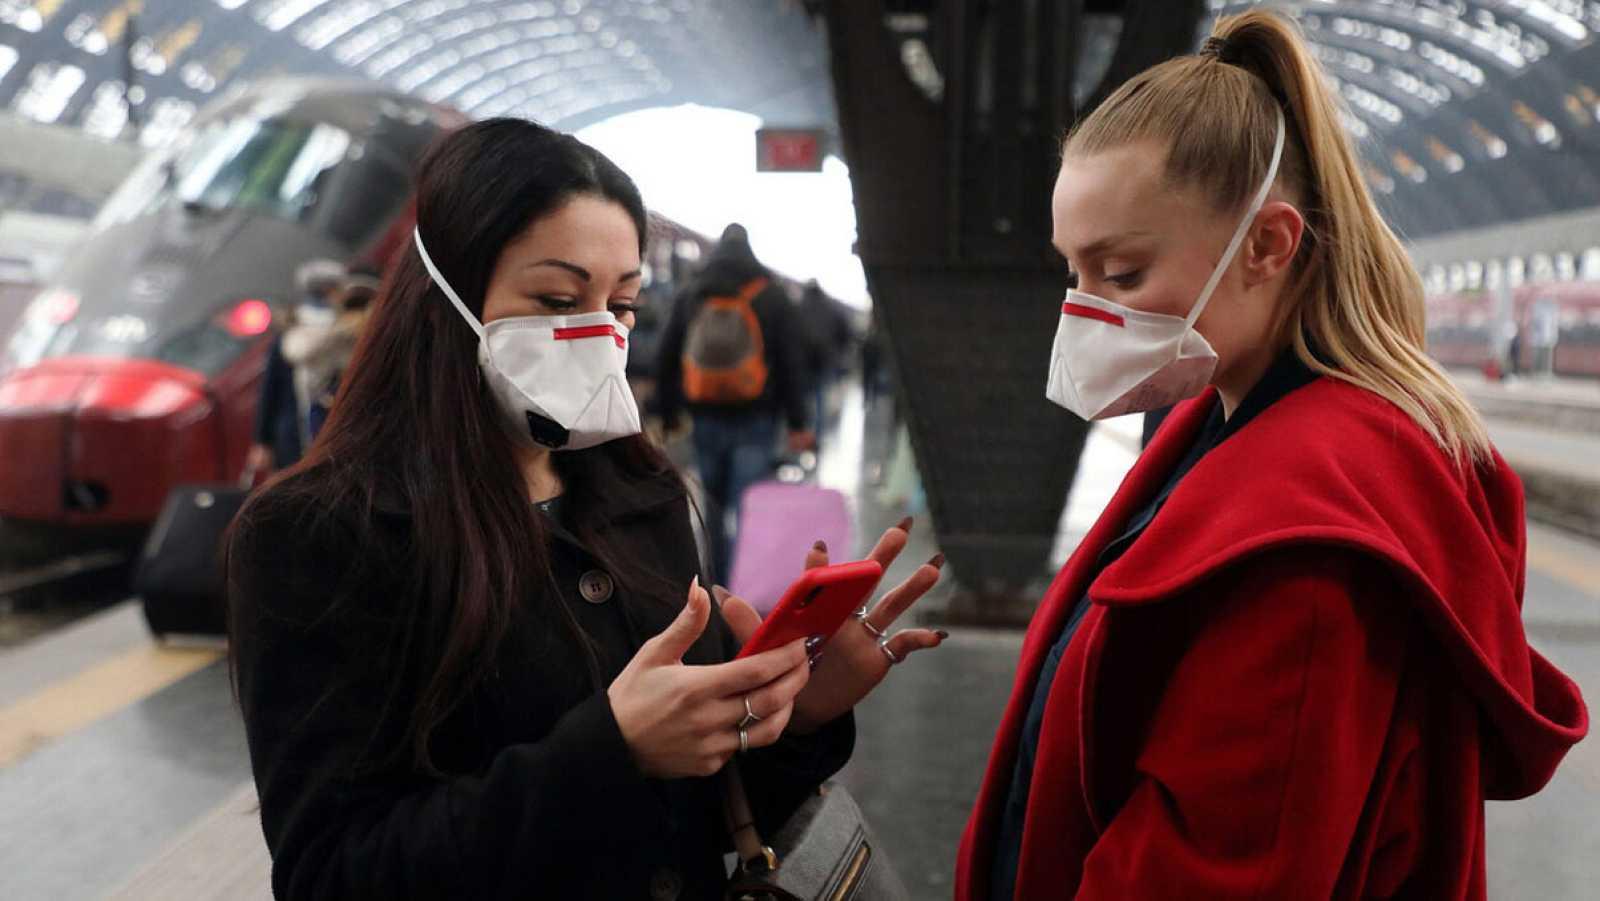 Pasajeras con mascarilla en la estación central de Milán, Italia, por el coronavirus. Foto: EFE/EPA/MATTEO BAZZI